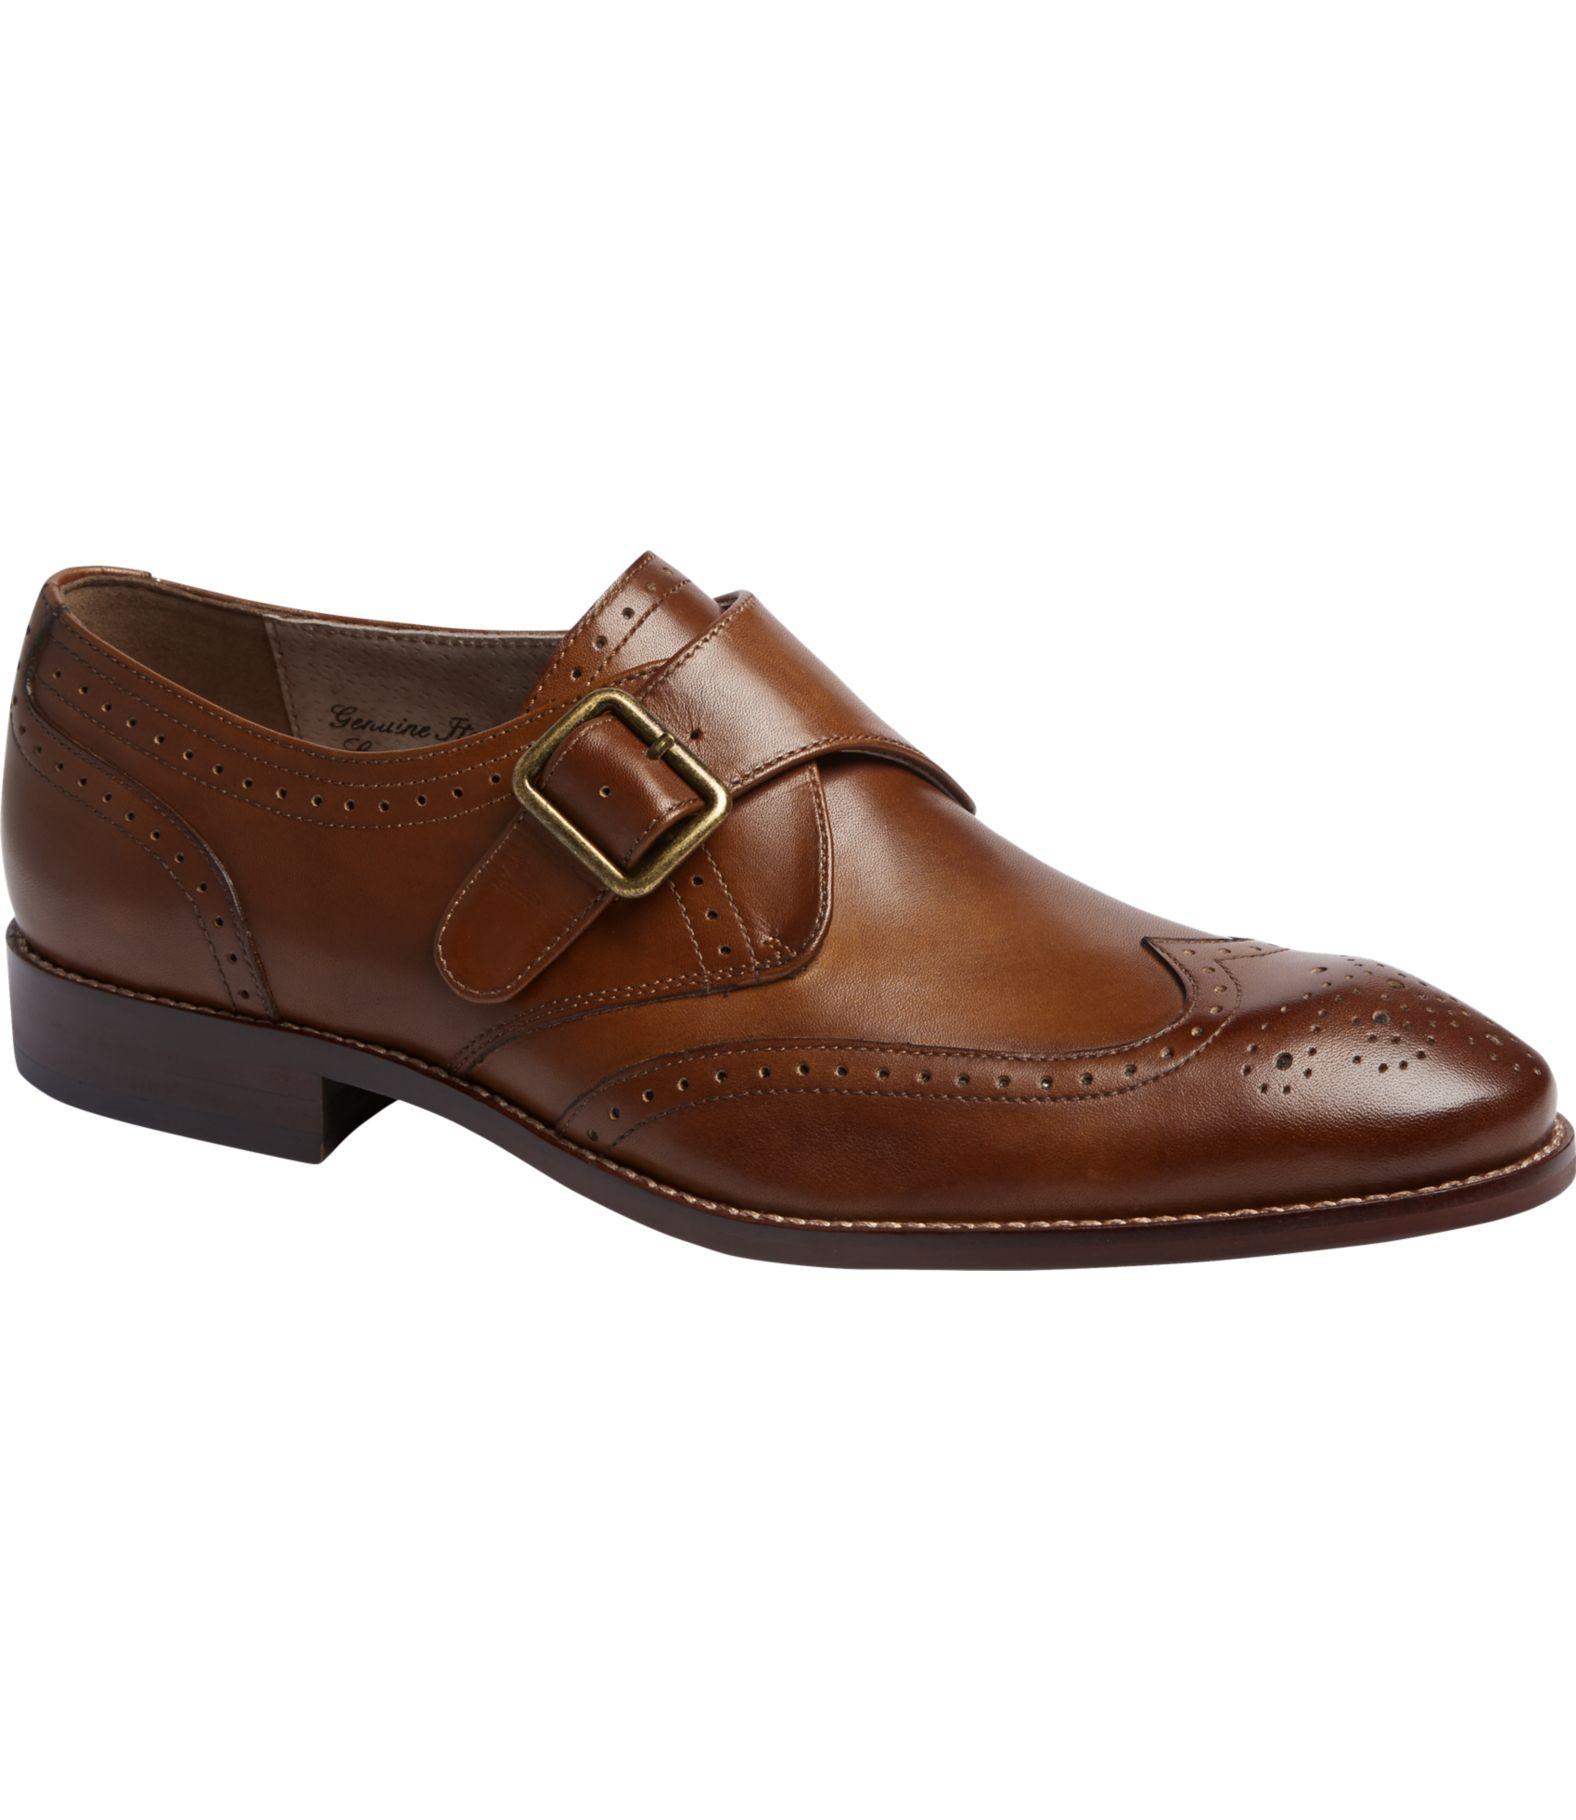 Joseph Abboud Rodi Monk Strap Wingtip Dress Shoes - Joseph Abboud ...